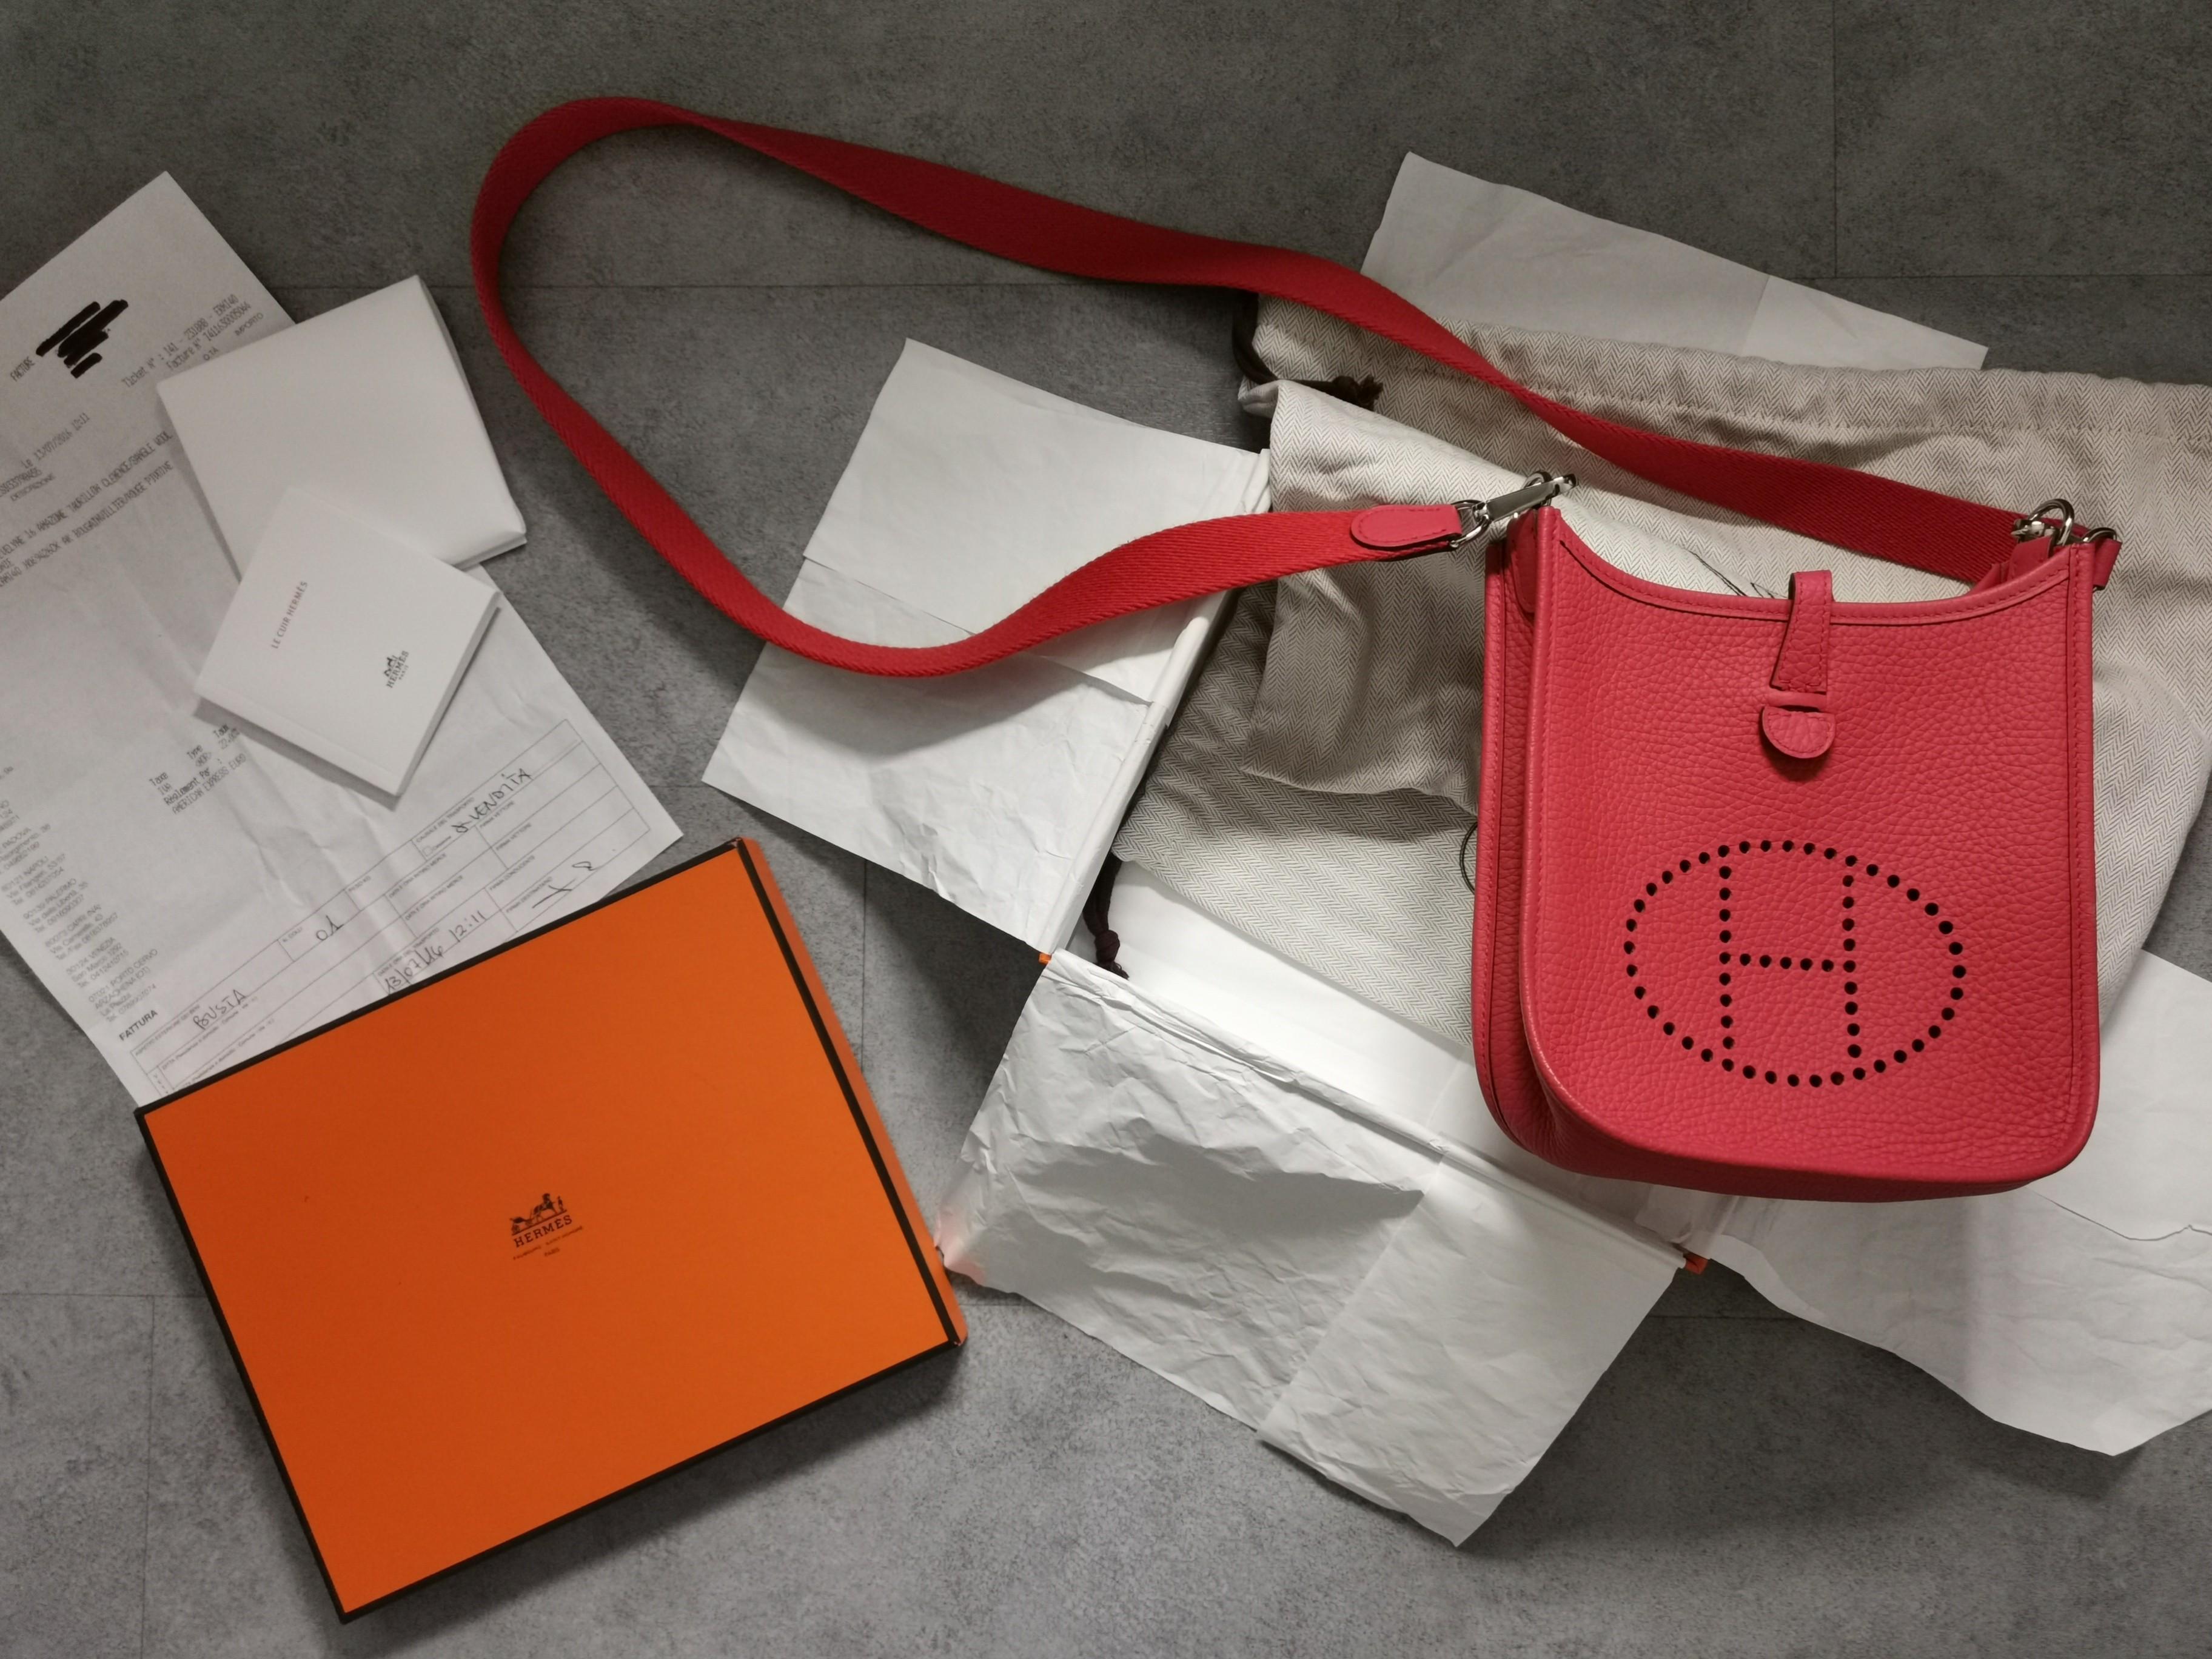 Hermes Evelyn TPM Full set with receipt